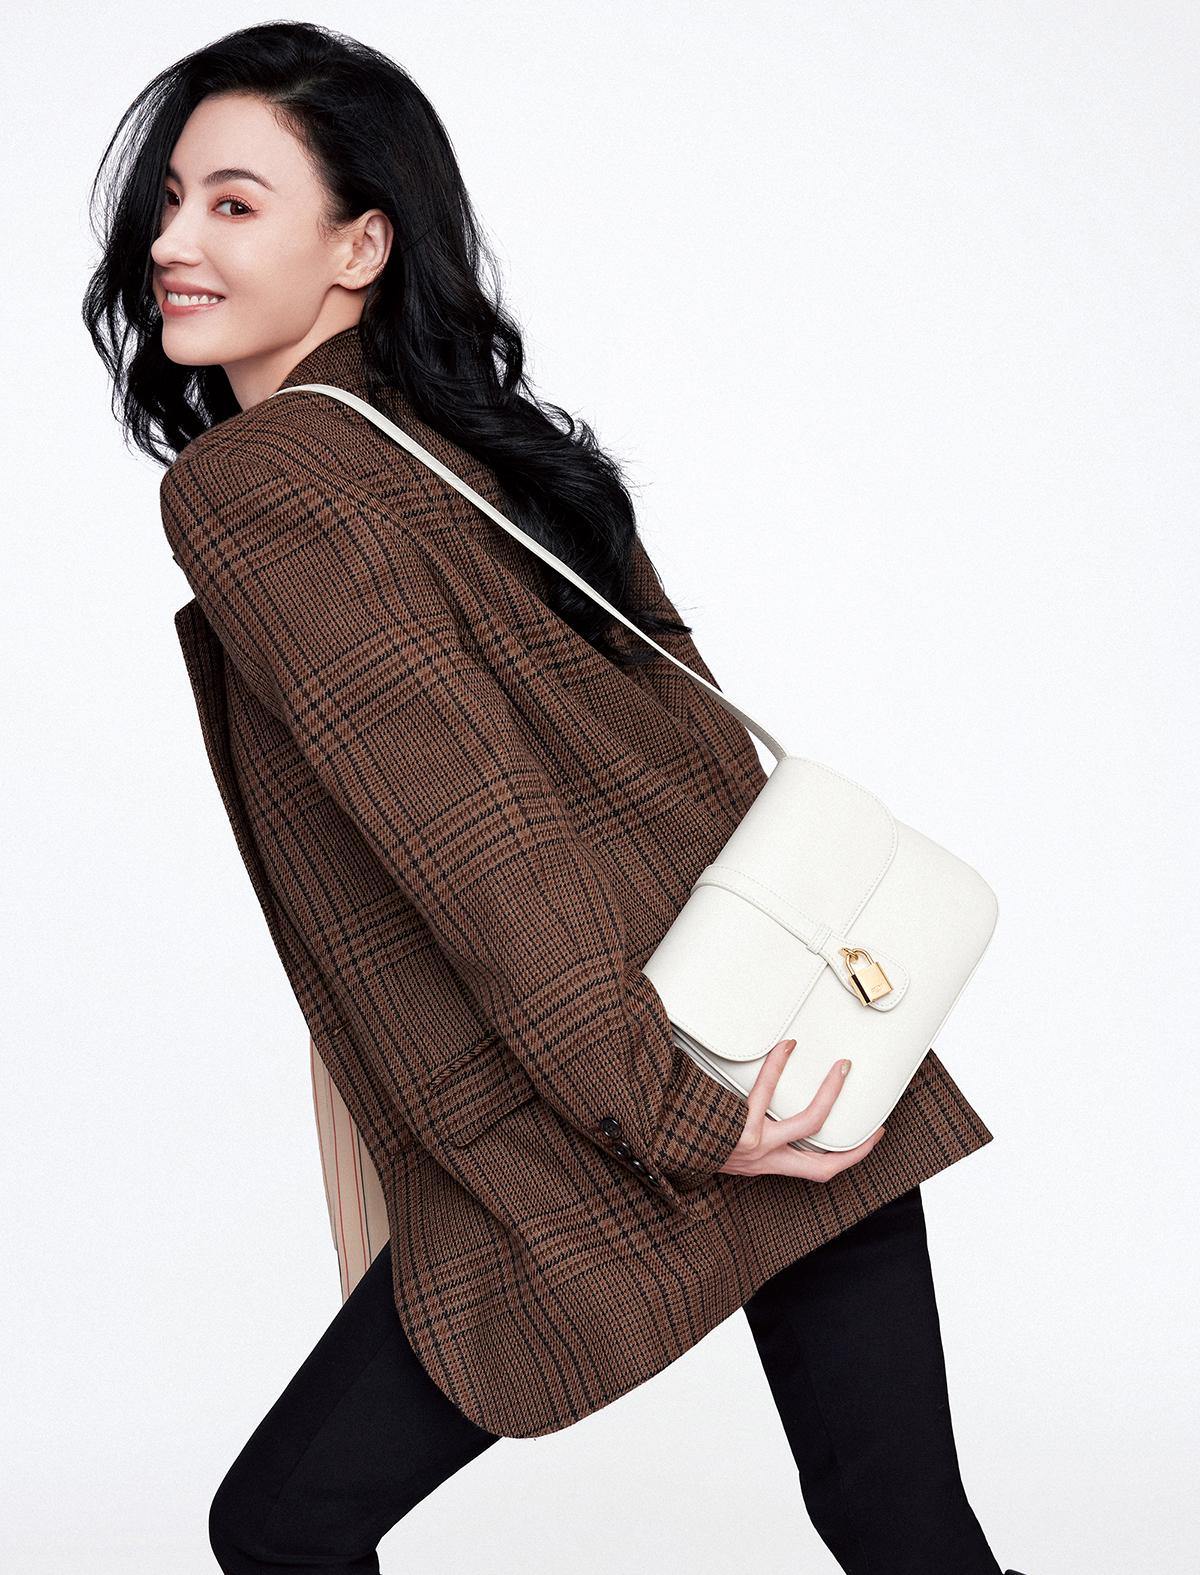 张柏芝演绎秋日新风尚 西装夹克尽显优雅格调